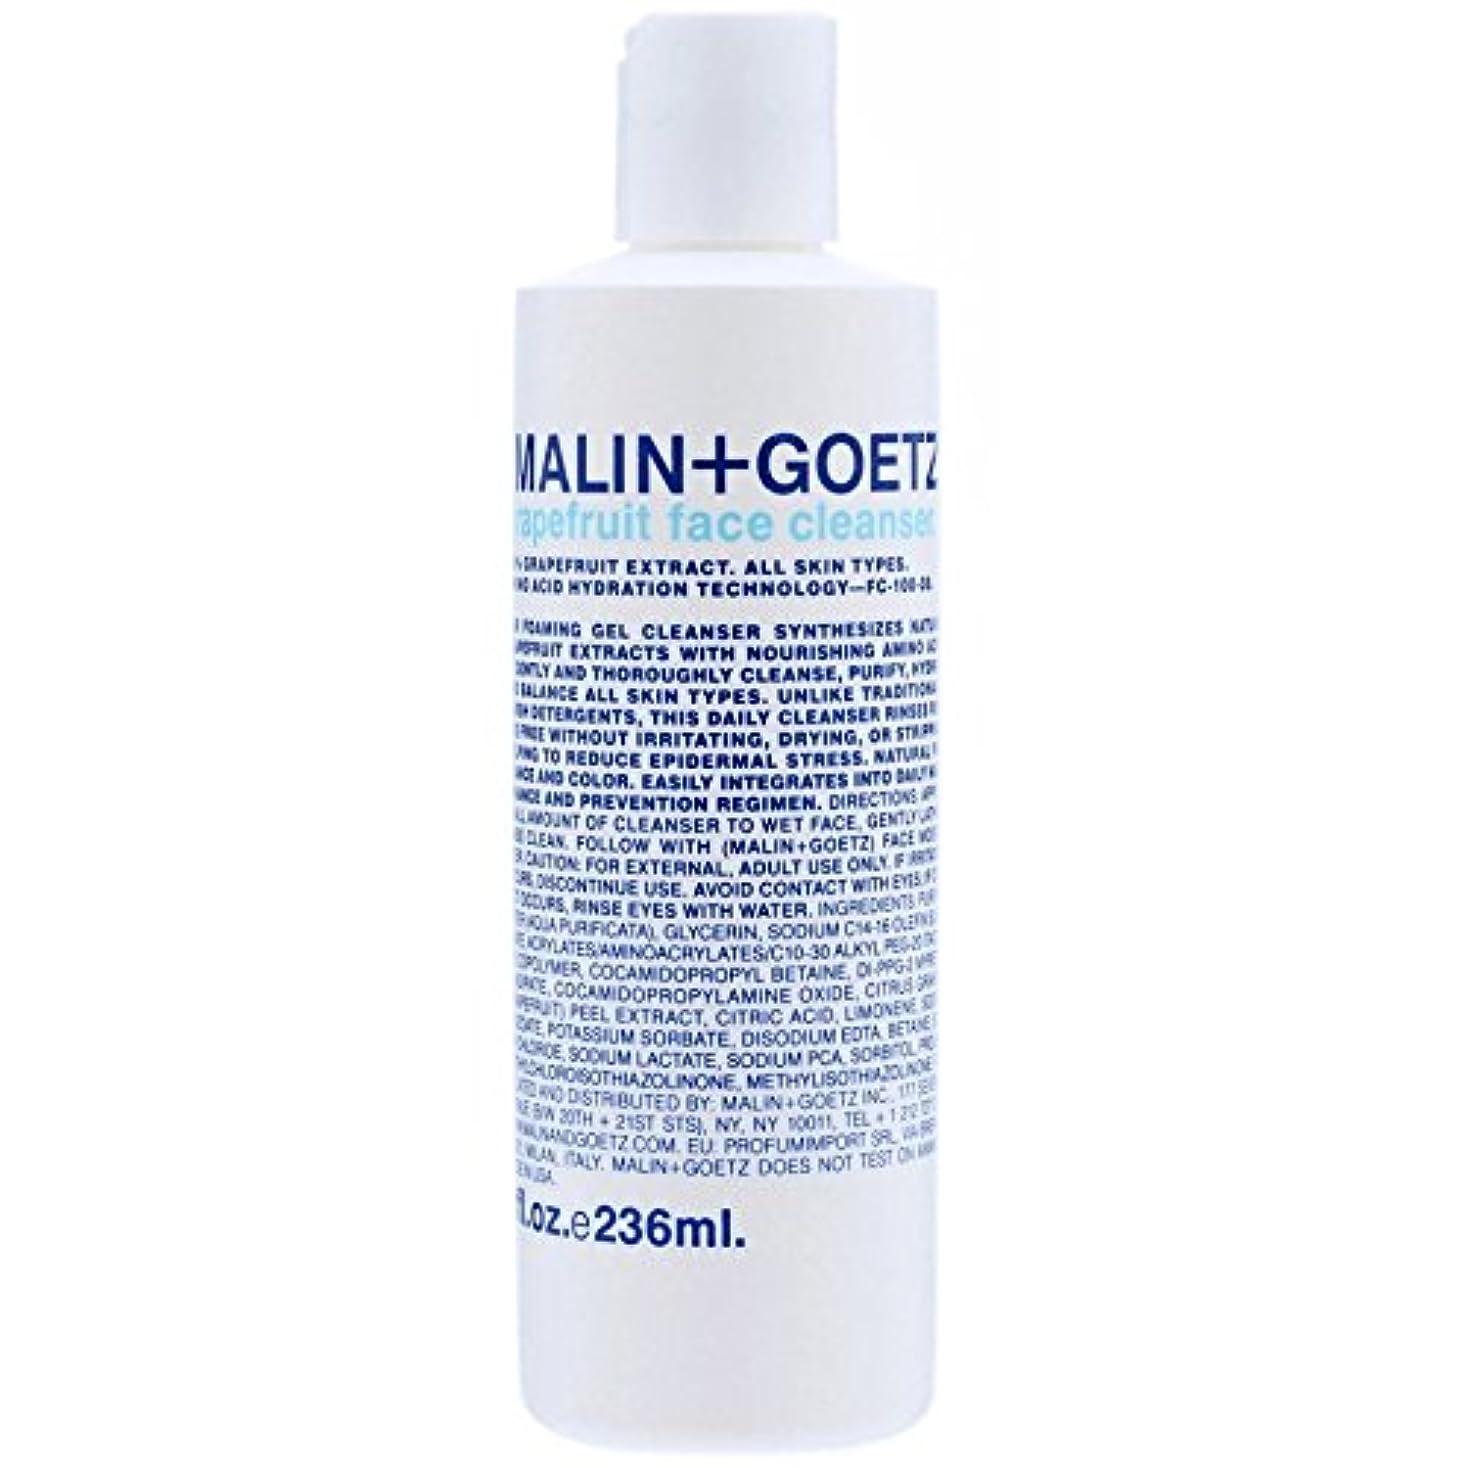 ほこりっぽい目的行商人マリン+ゲッツグレープフルーツフェイスクレンザー x2 - MALIN+GOETZ Grapefruit Face Cleanser (Pack of 2) [並行輸入品]